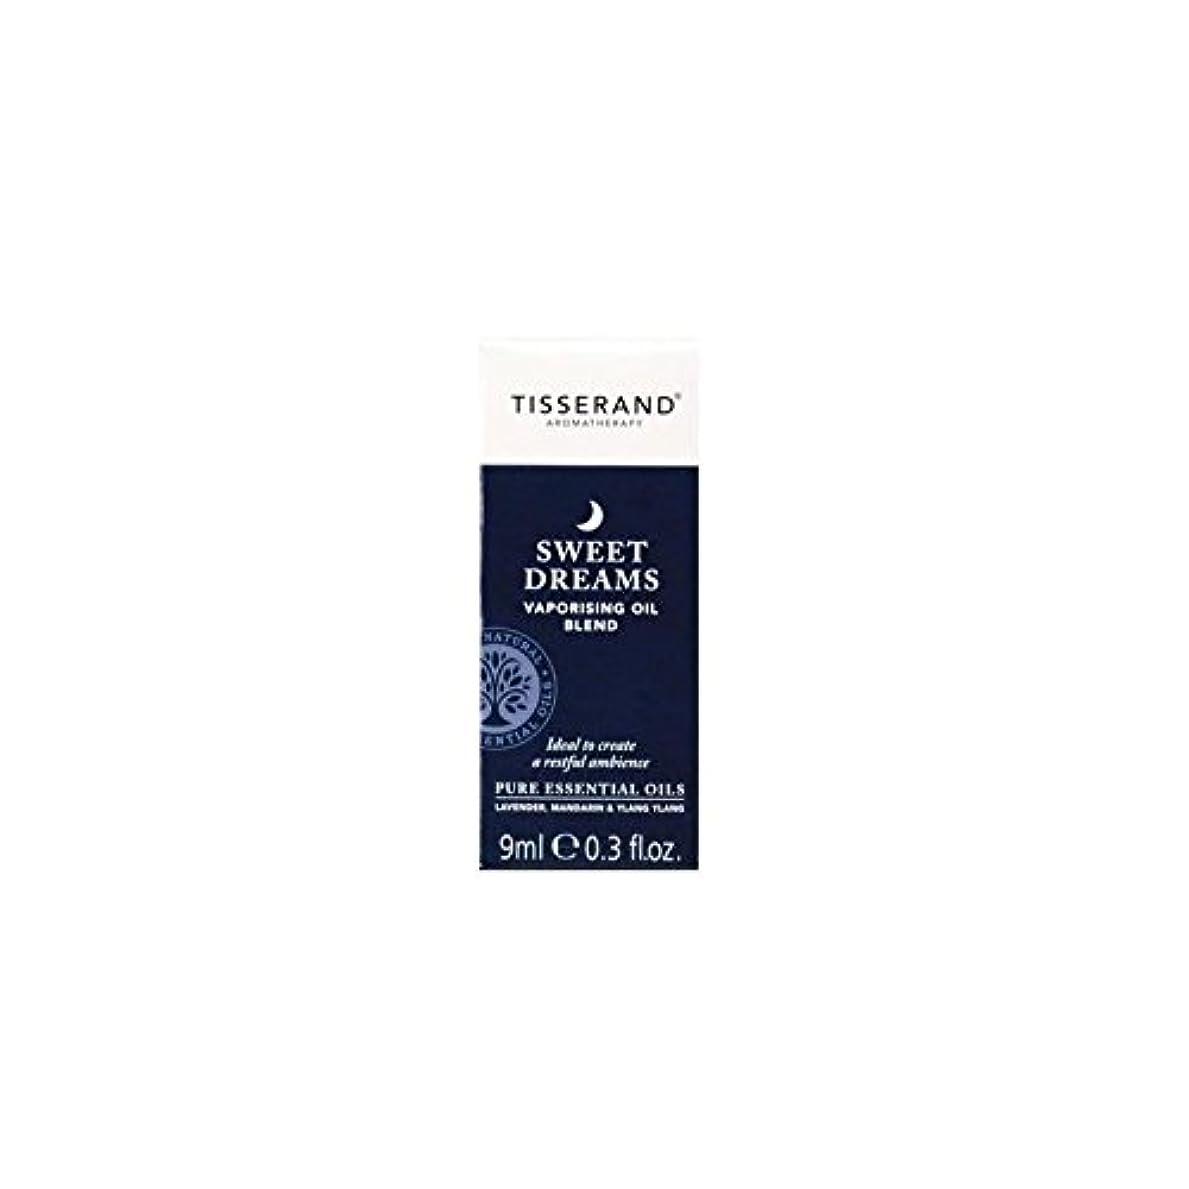 礼拝蚊芽オイル9ミリリットルを気化甘い夢 (Tisserand) - Tisserand Sweet Dreams Vaporising Oil 9ml [並行輸入品]